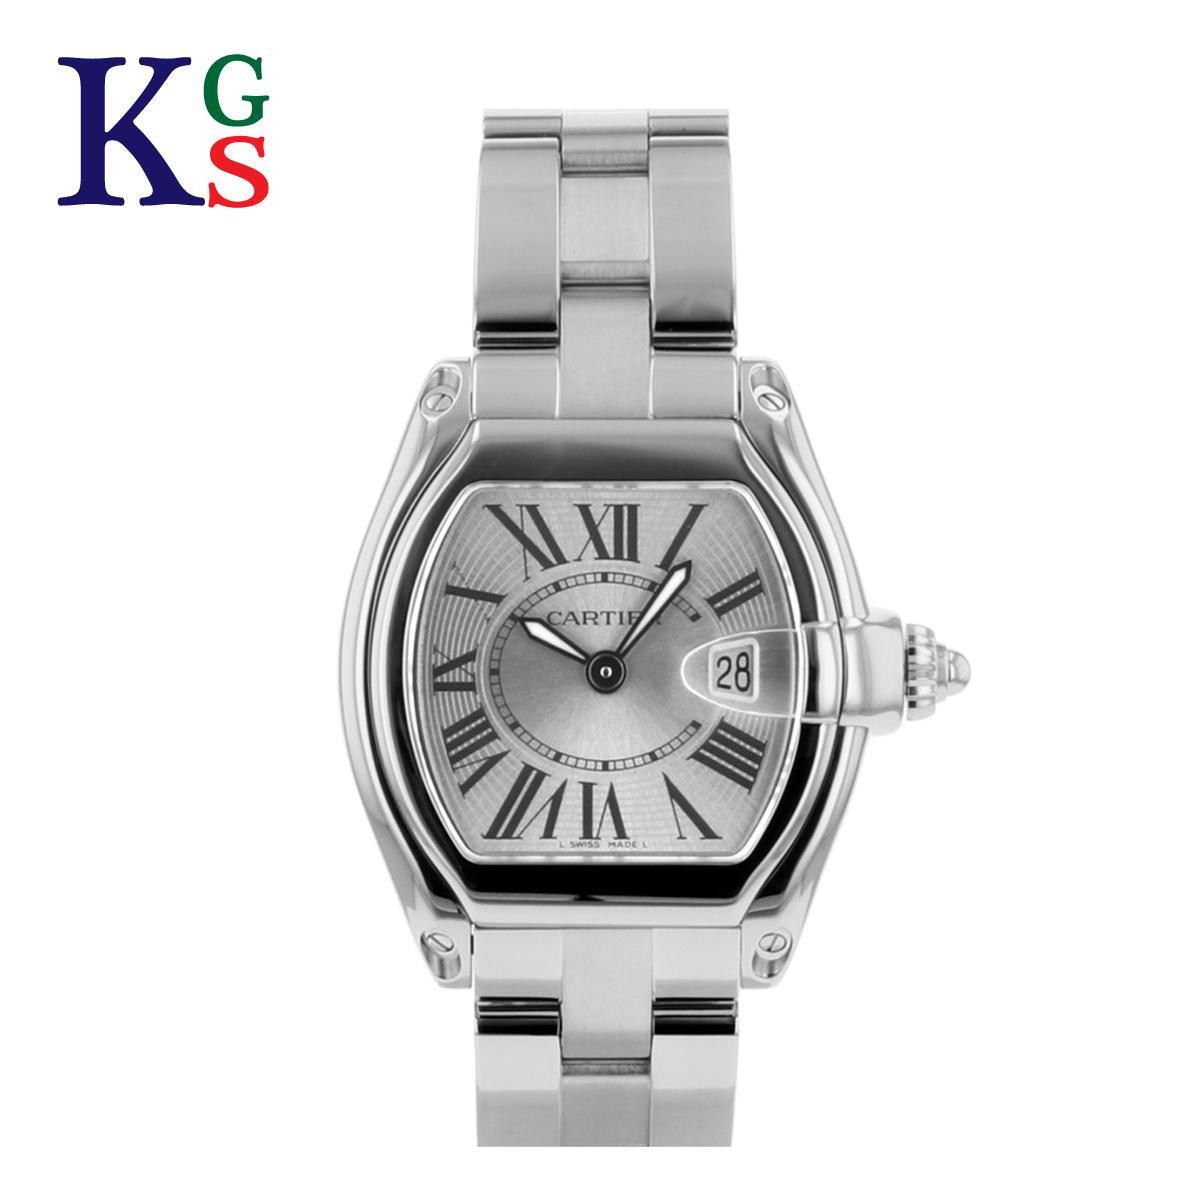 【ギフト品質】カルティエ/Cartier レディース 腕時計 ロードスターSM シルバー文字盤 ステンレススチール クオーツ W62016V3